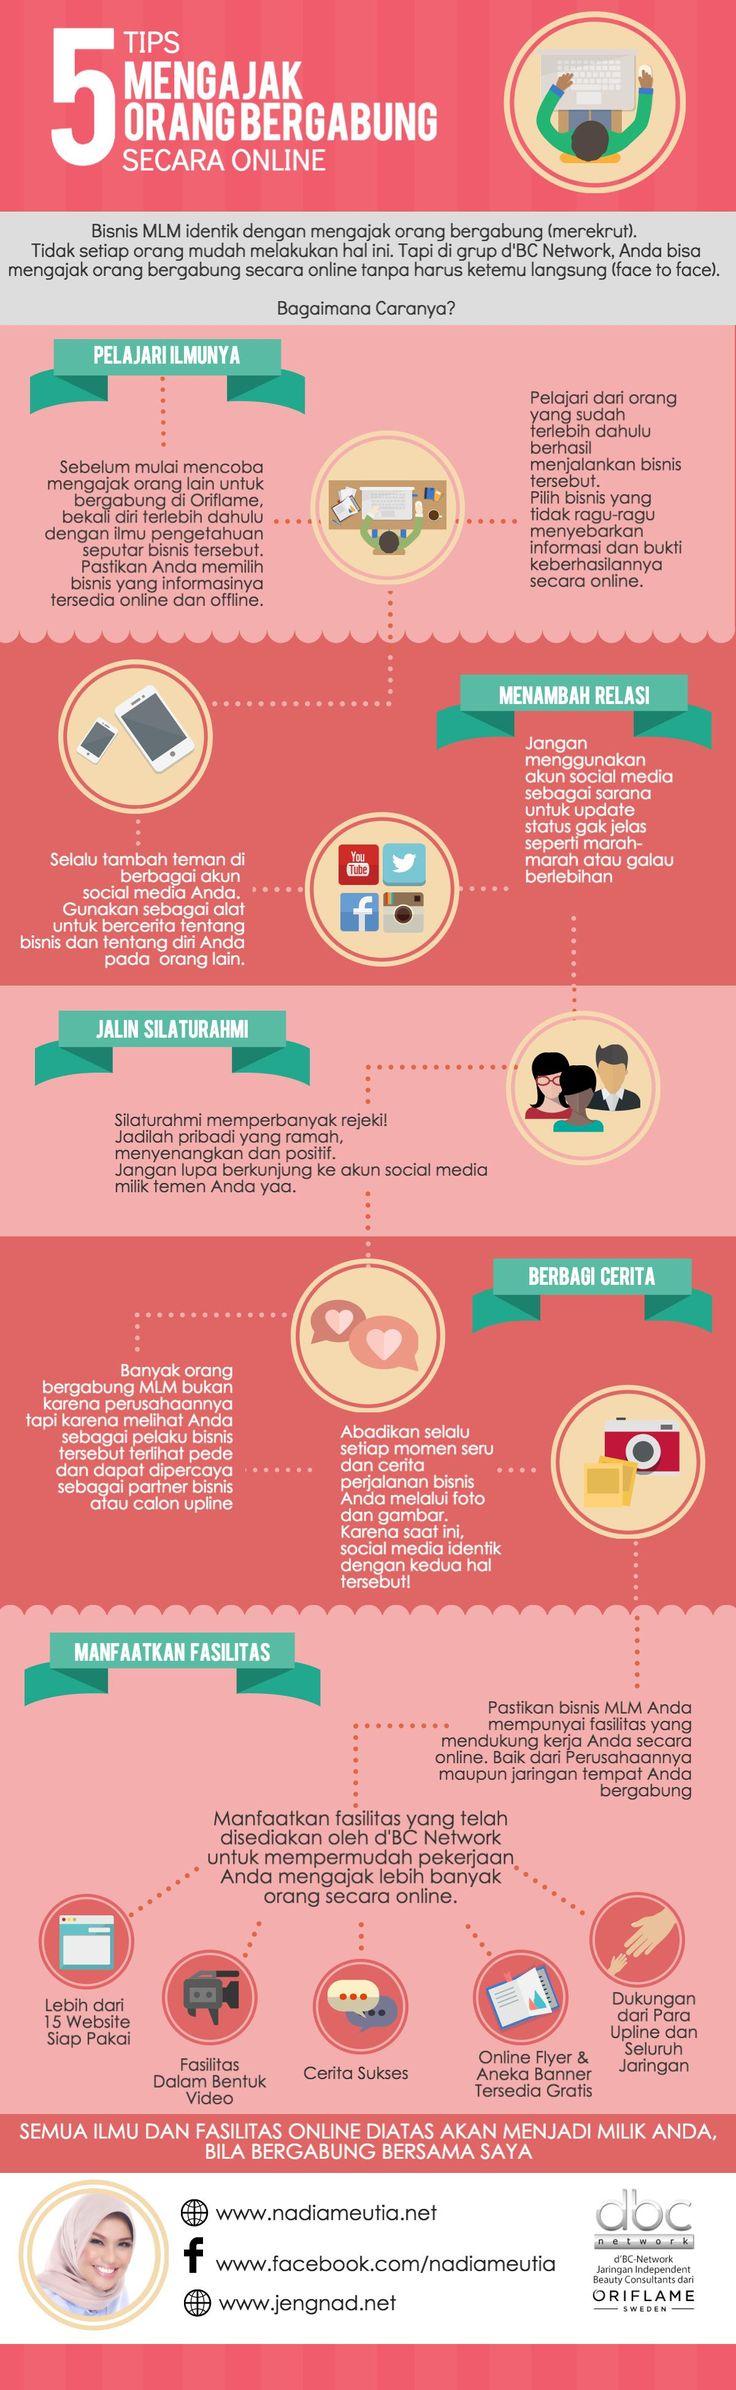 5 Tips Mengajak Orang Bergabung Bisnis secara Online  #nadiameutia #jengnad #oriflame #katalog #bisnisdarirumah #bisnisonline #mlm